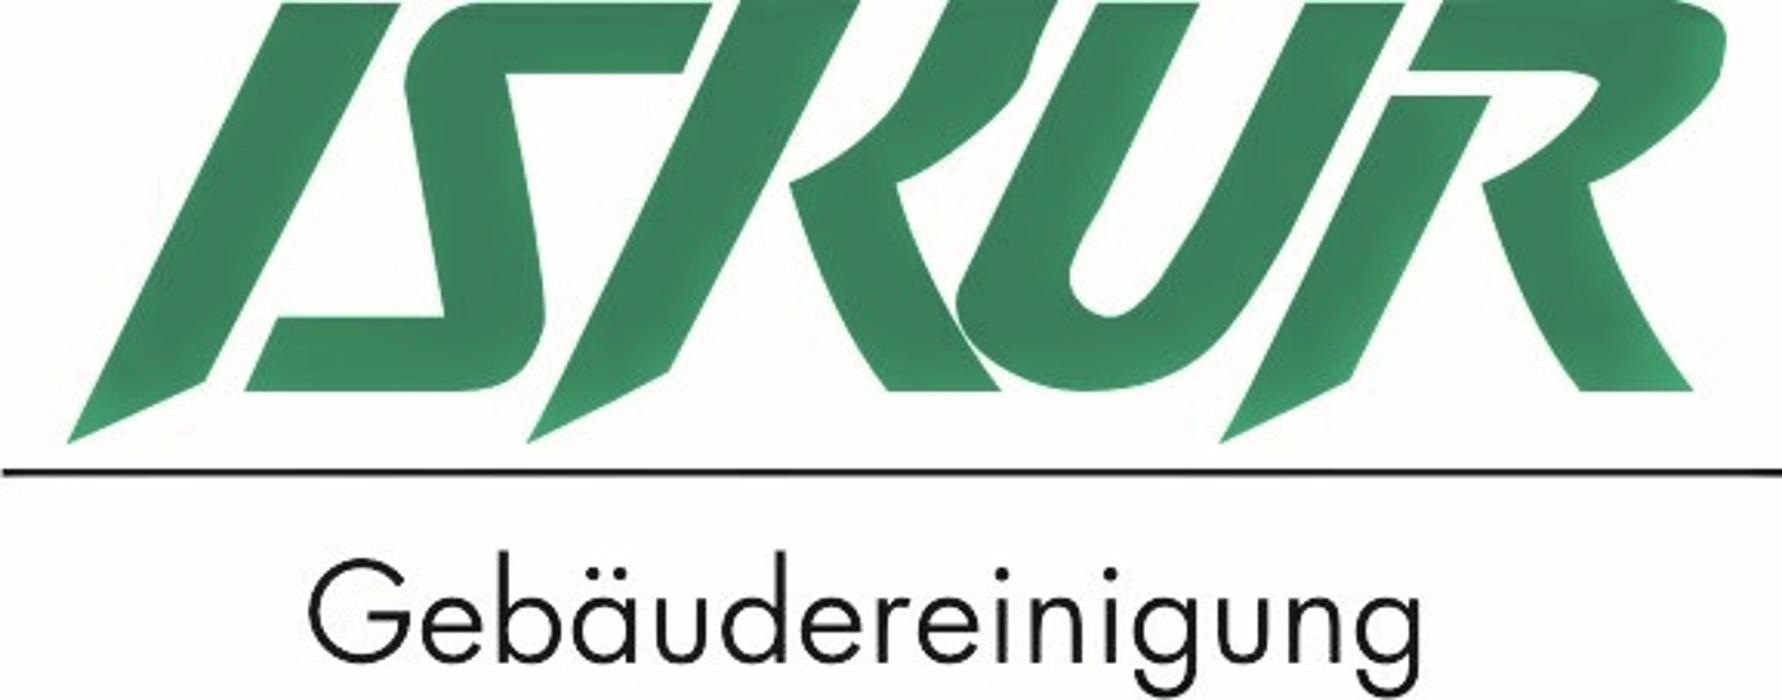 Bild zu Iskur Gebäudereinigung in Jettingen in Württemberg